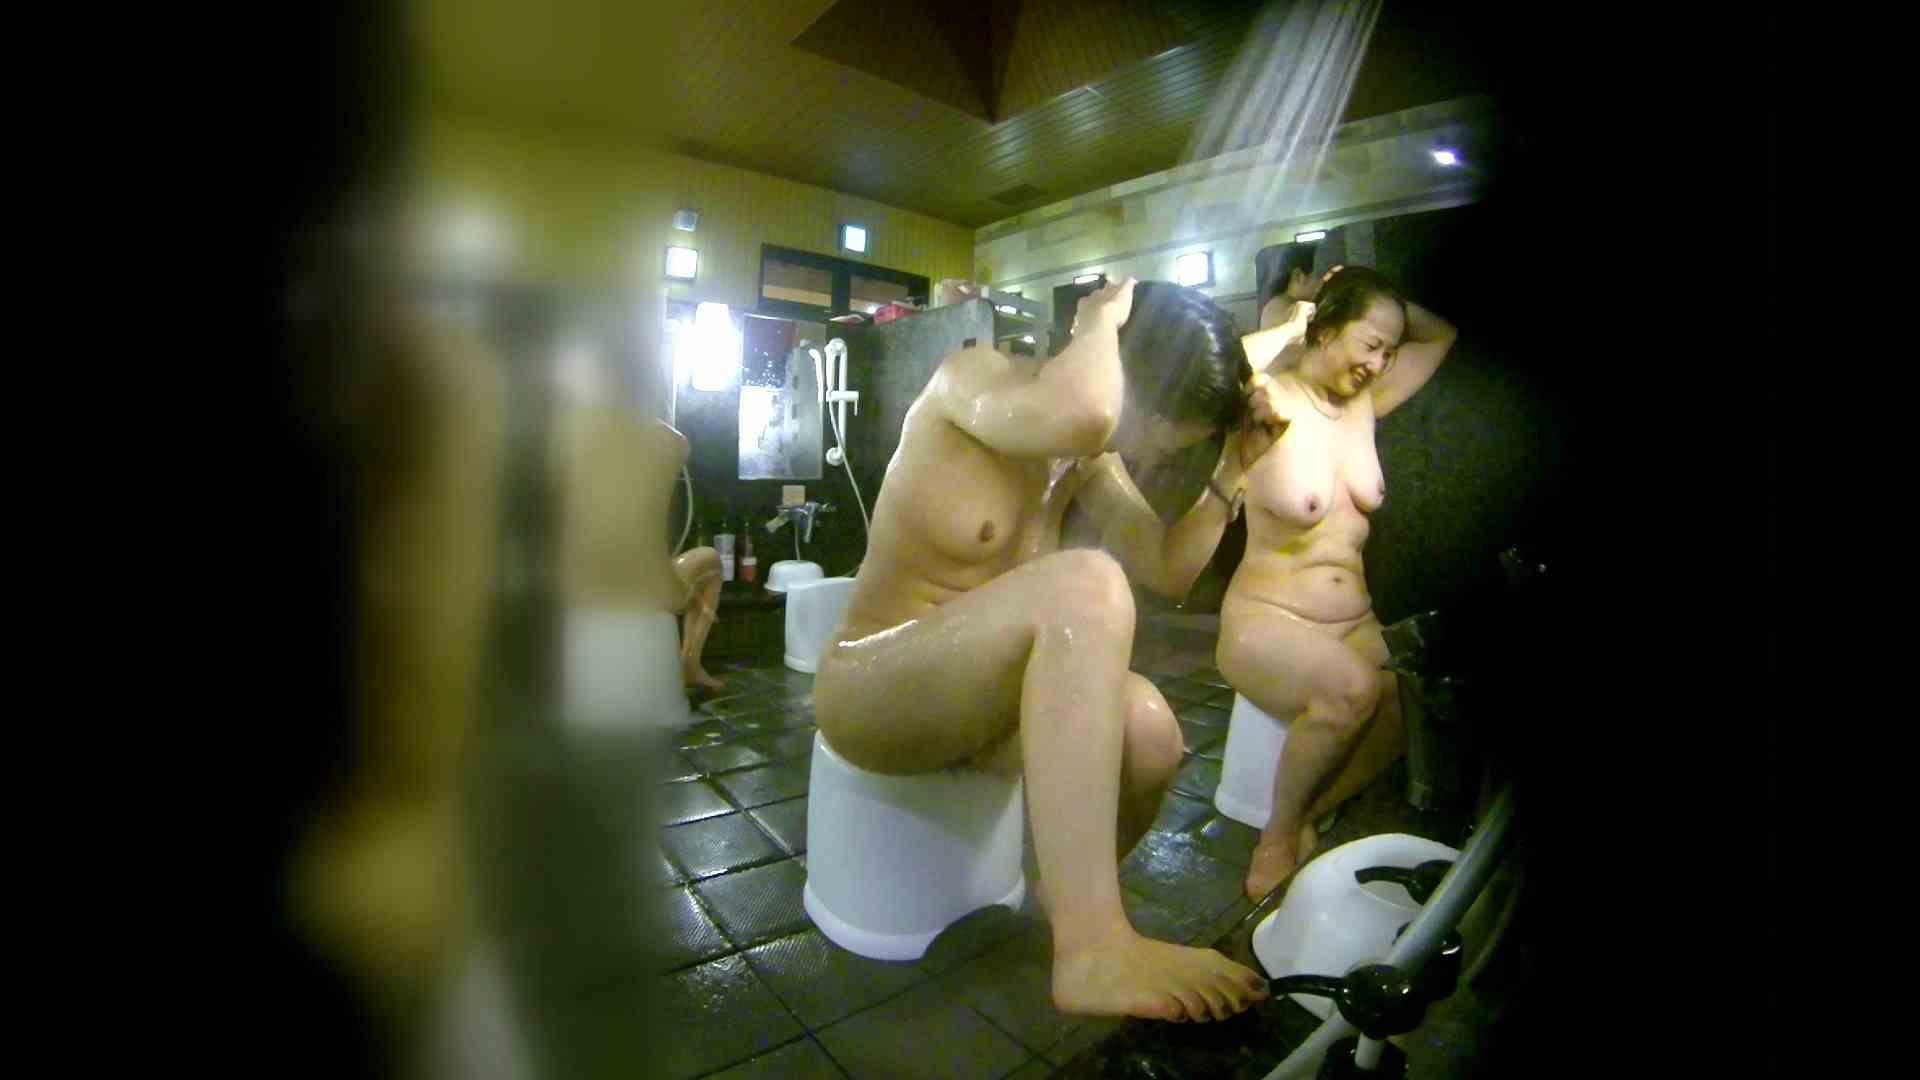 洗い場!右足の位置がいいですね。陰毛もっさり! 美乳 オマンコ無修正動画無料 111画像 46